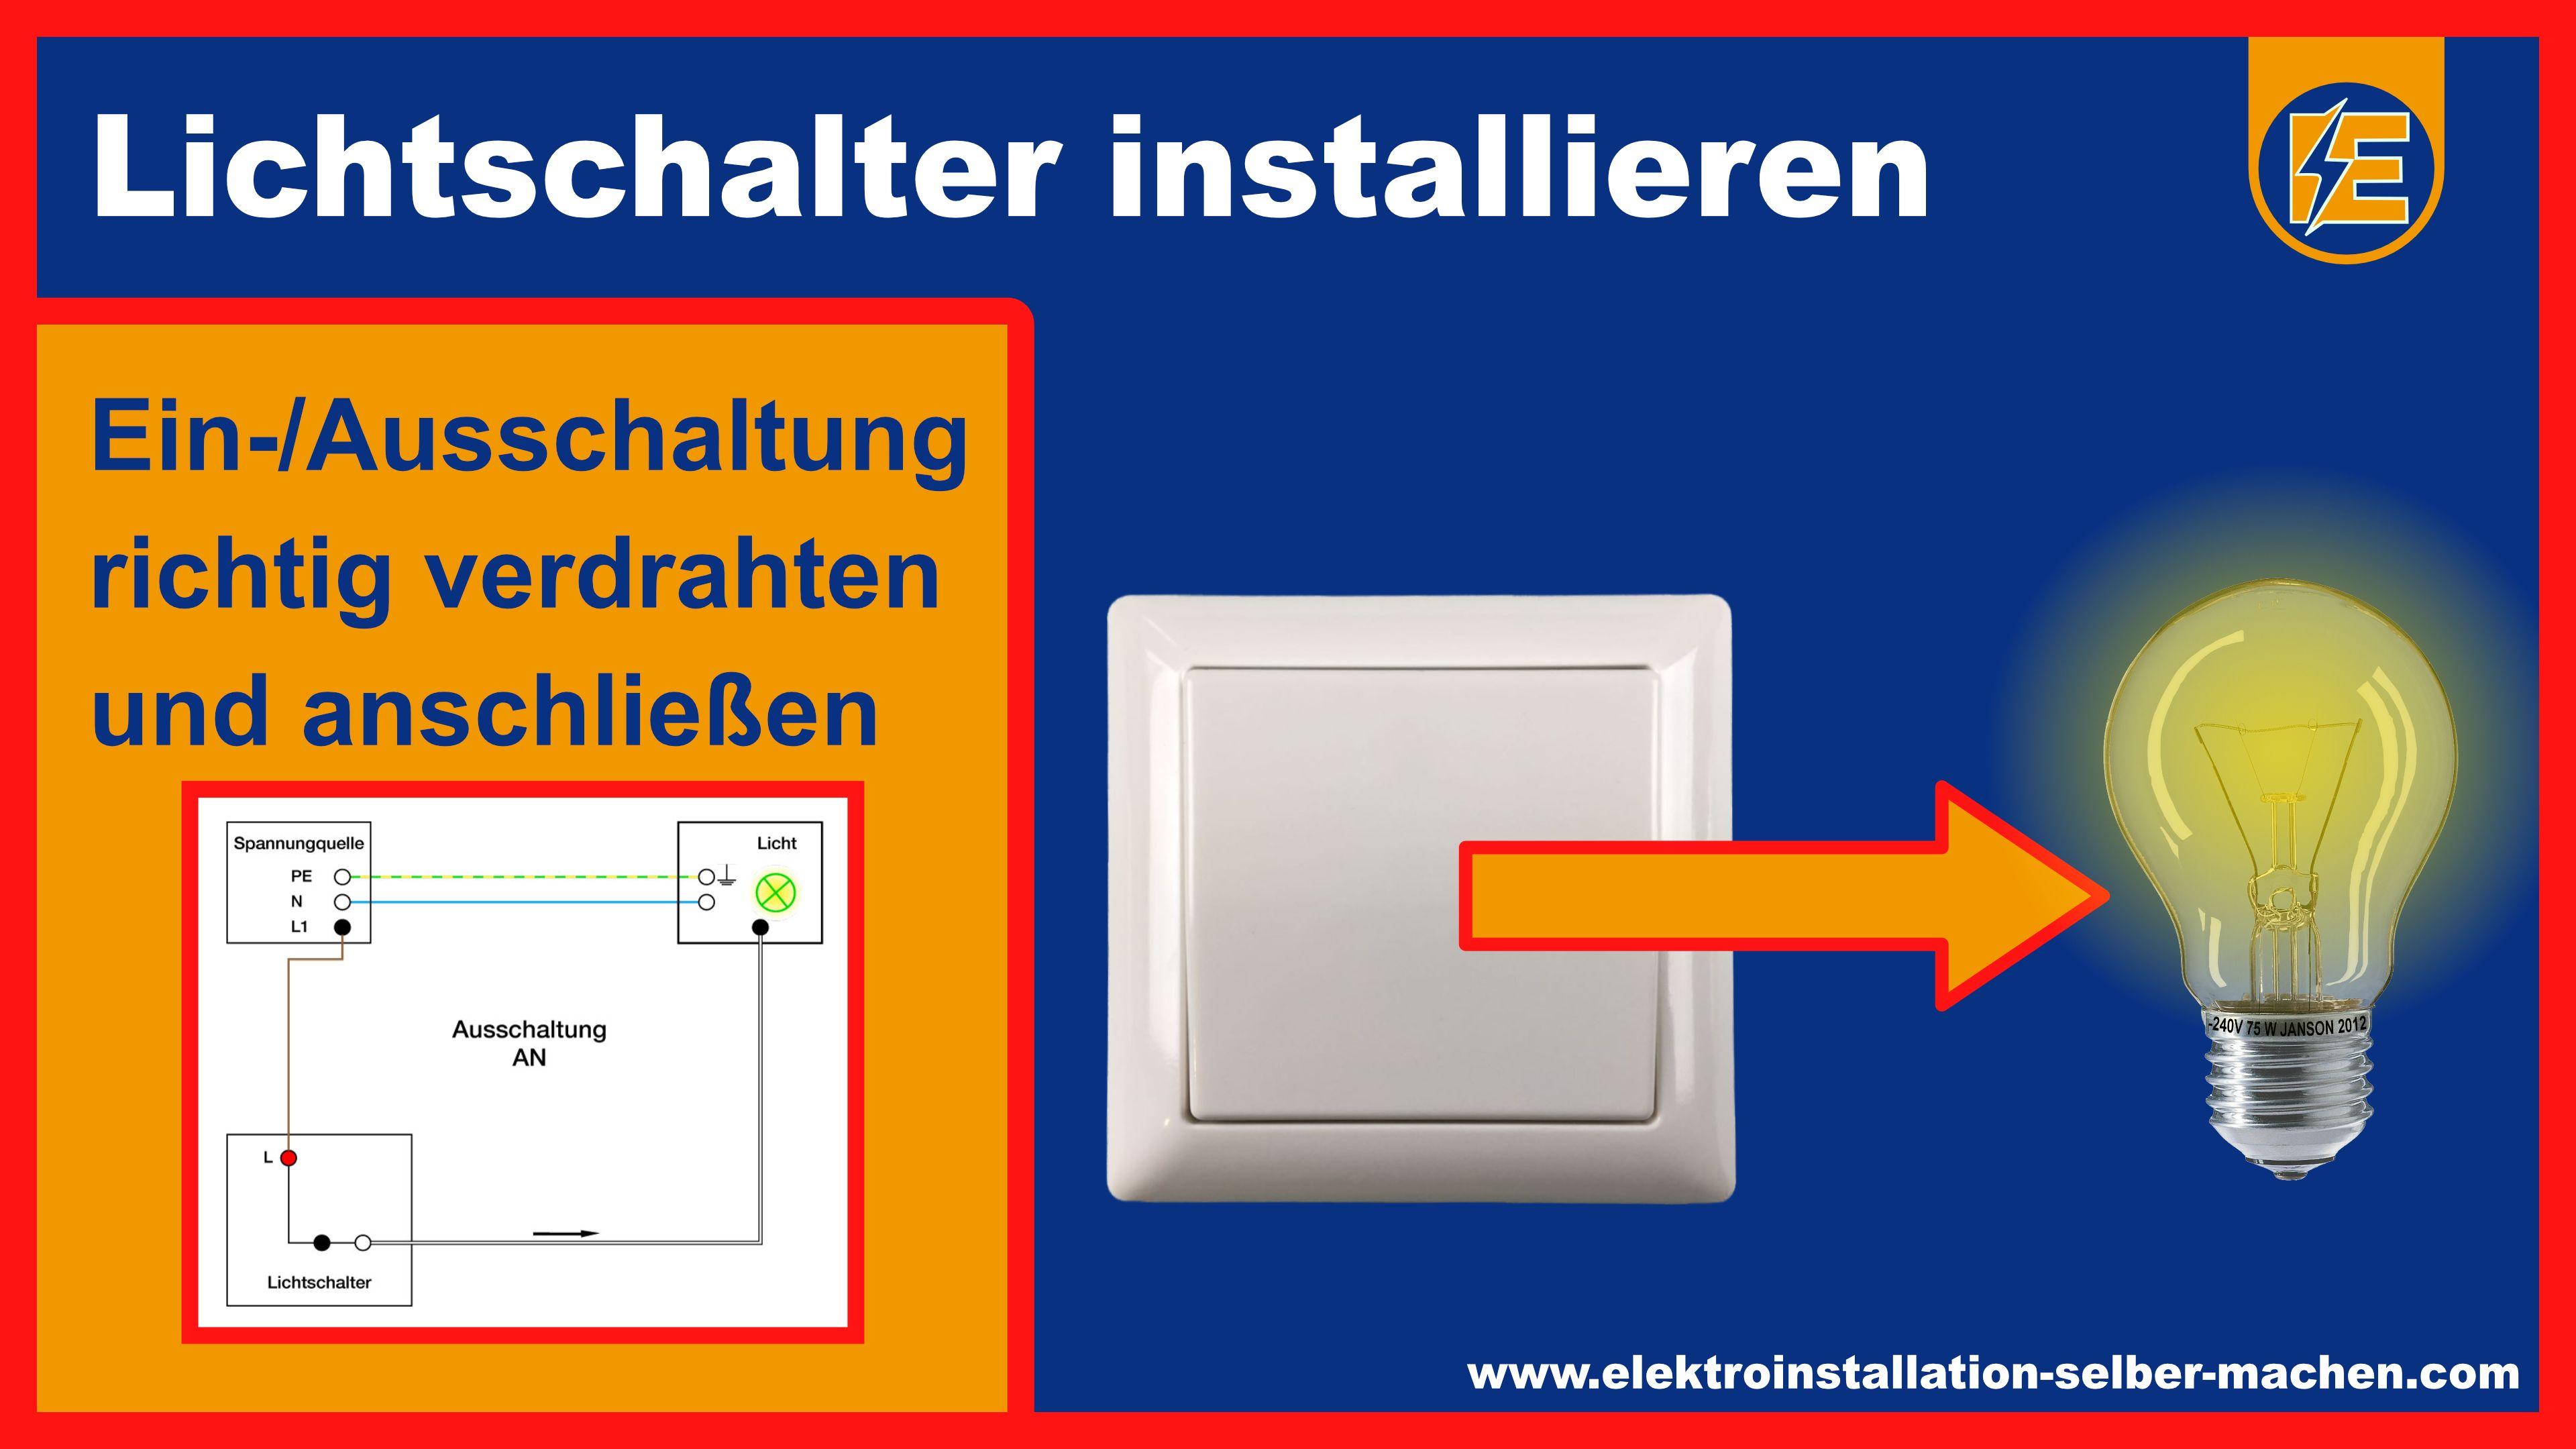 Lichtschalter Ein Ausschaltung Elektroinstallation Selber Machen Mit Bildern Elektroinstallation Selber Machen Elektroinstallation Lichtschalter